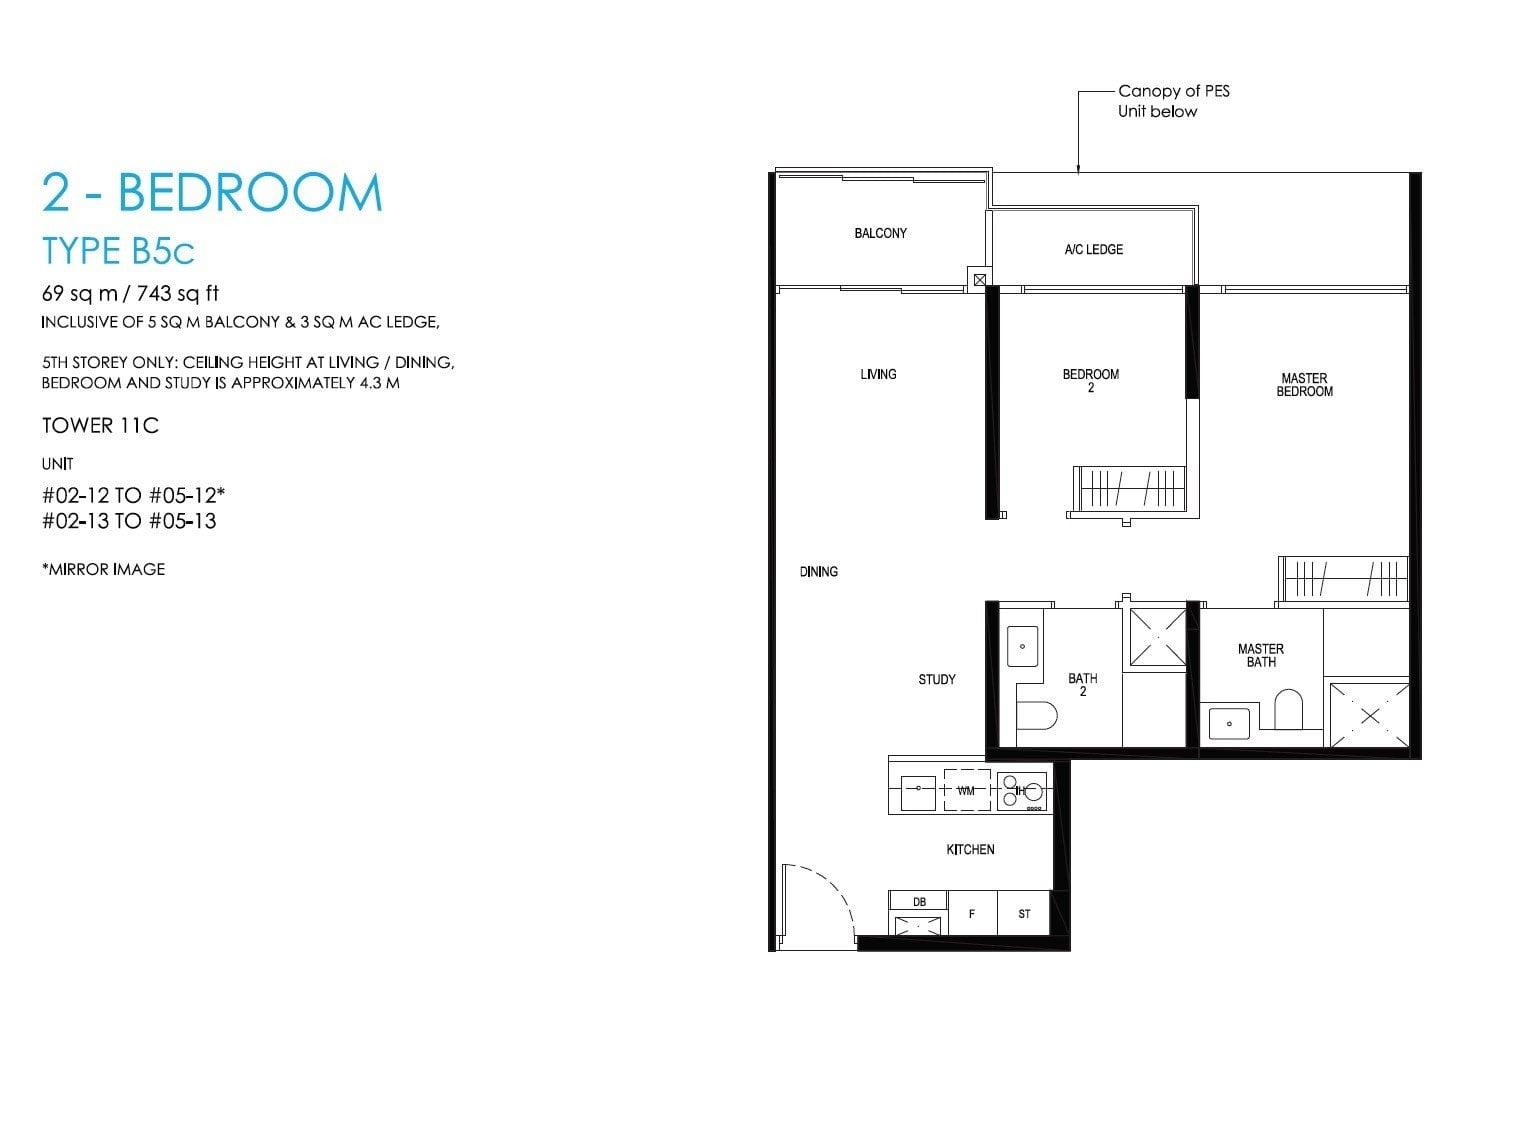 daintree-condo-floor plan 2BR 2Bath +S